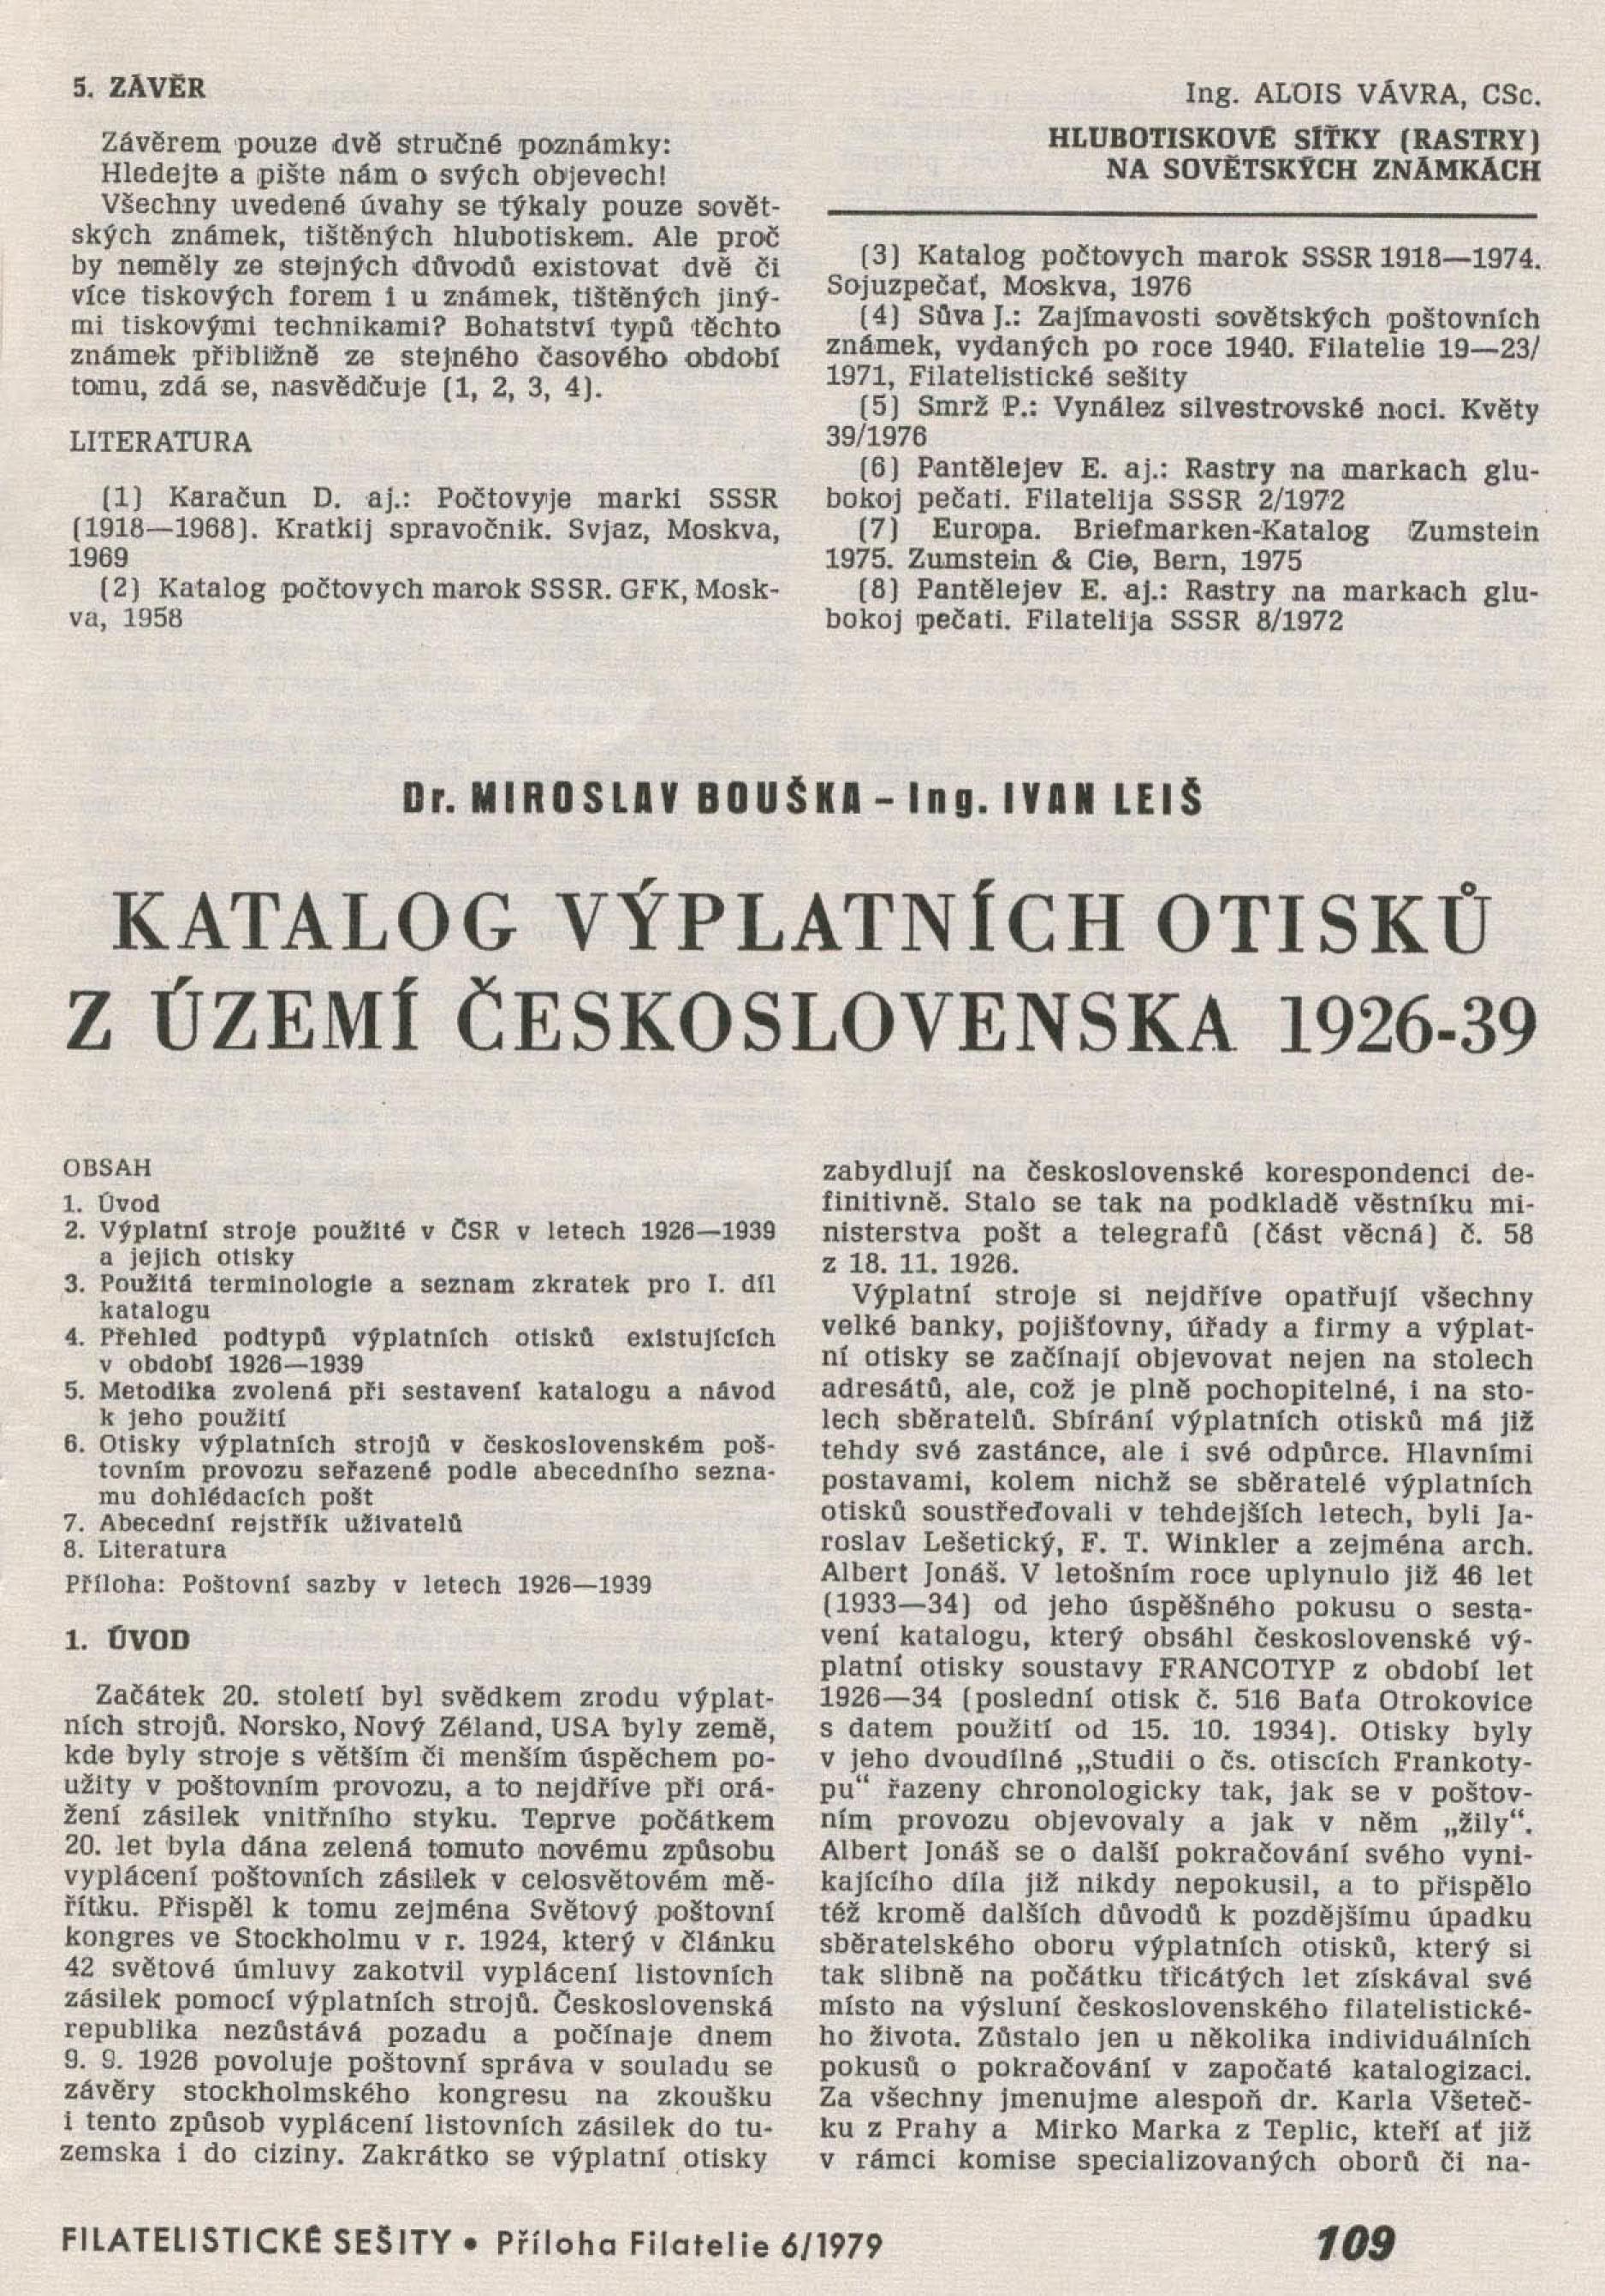 Katalog výplatních otisku z území Èeskoslovenska 1926-39